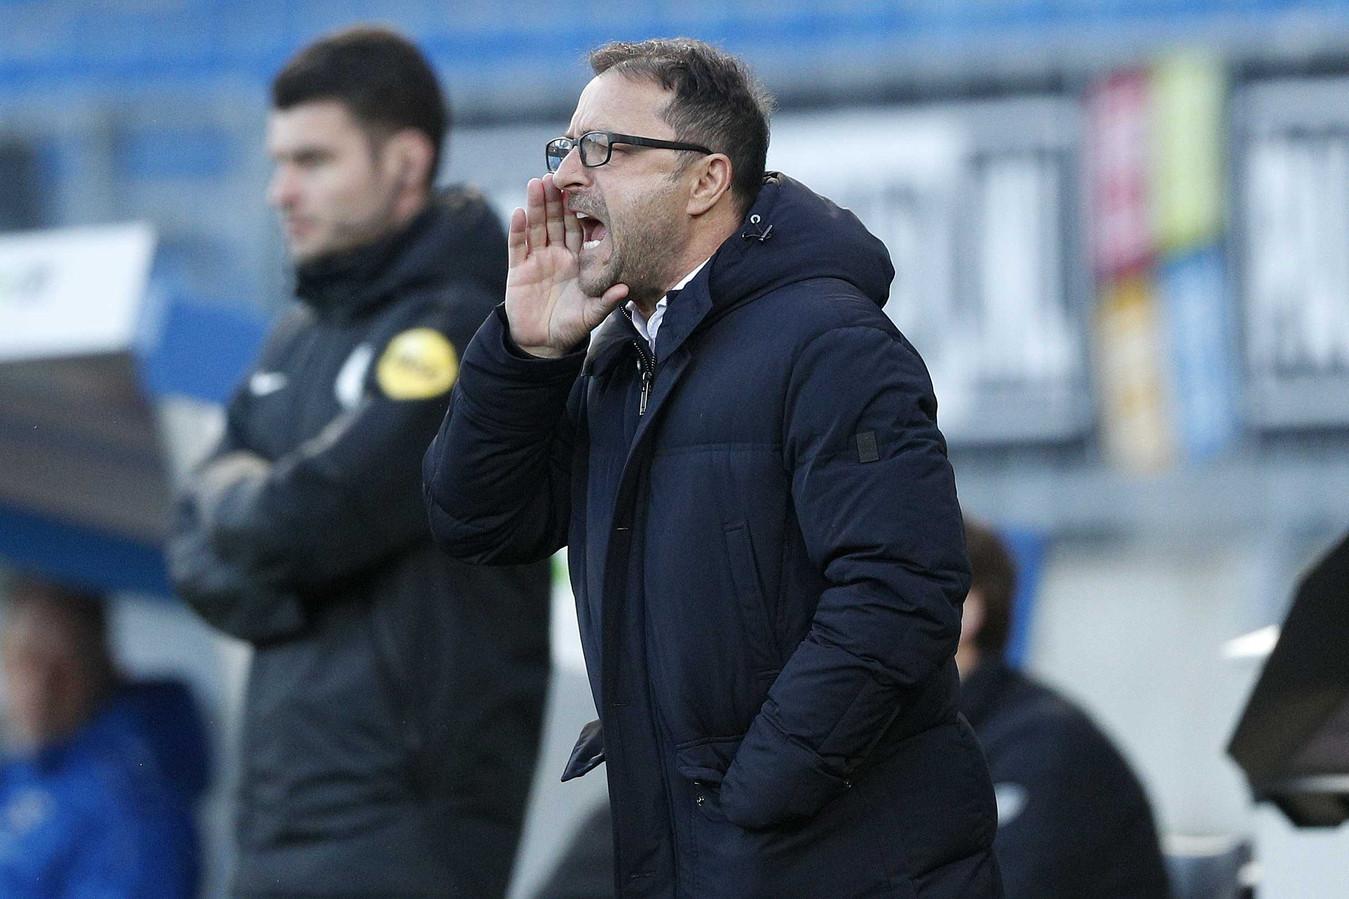 Zeljiko Petrovic schreeuwt Willem II naar voren.